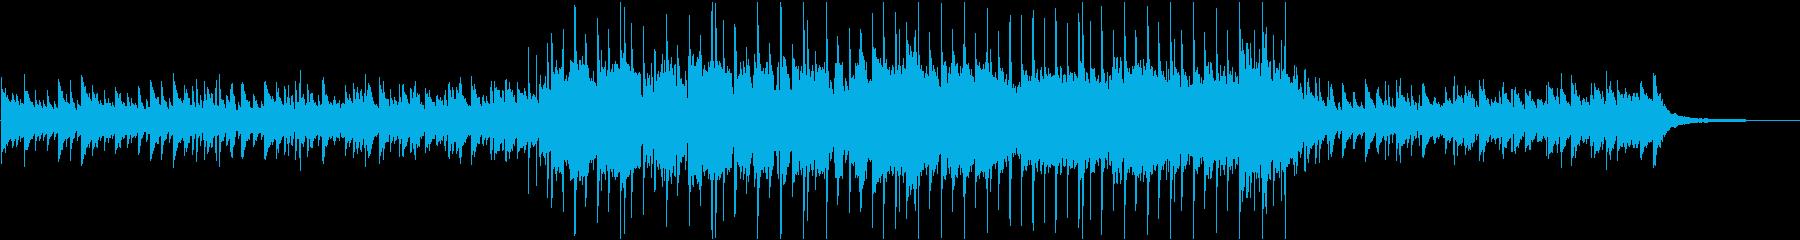 映像用、穏やかで優しいBGMの再生済みの波形